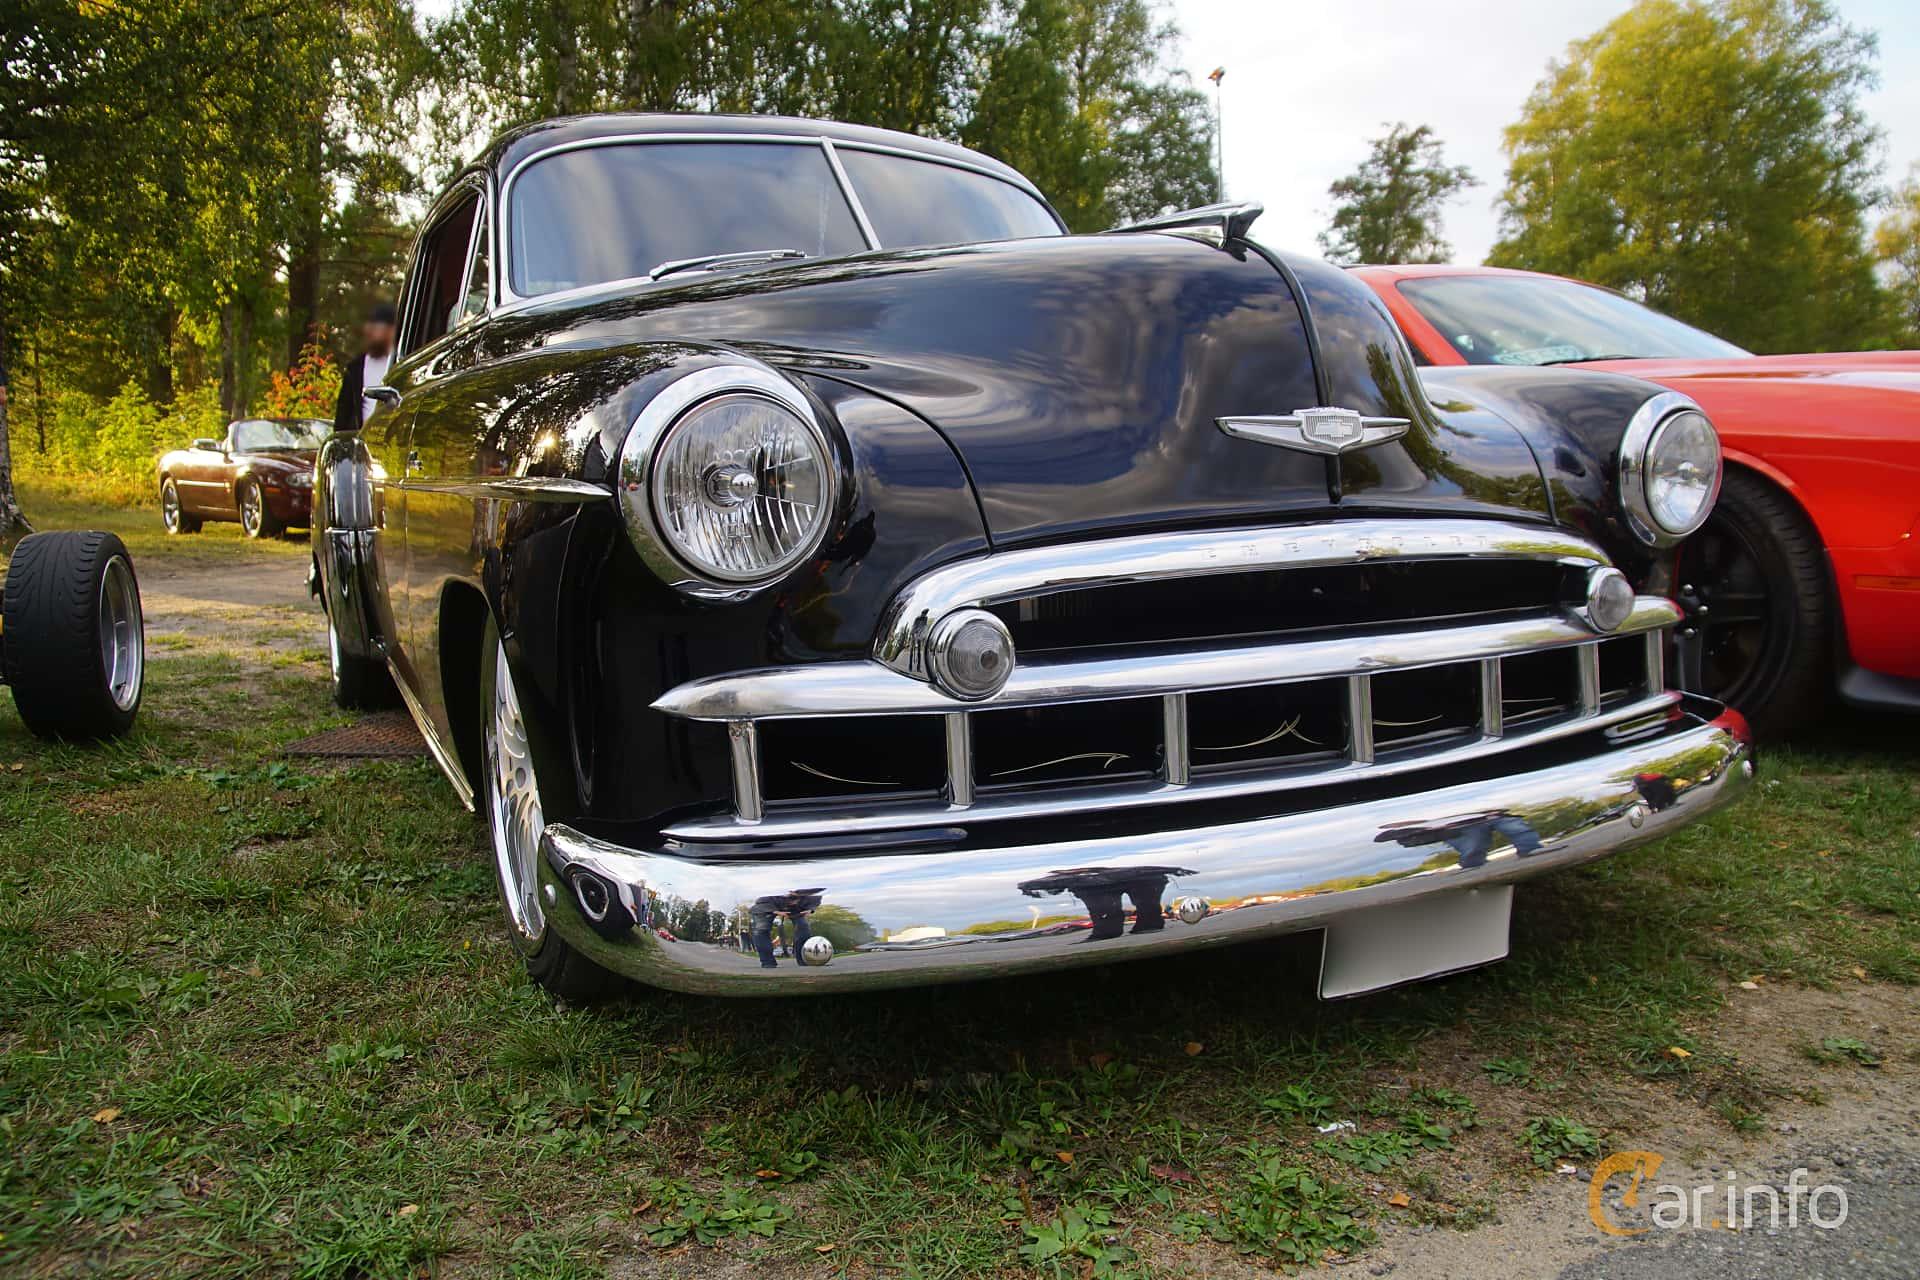 Chevrolet Fleetline Deluxe 2-door Sedan 3.5 Manual, 91hp, 1949 at Onsdagsträffar på Gammlia Umeå v.35 / 2018